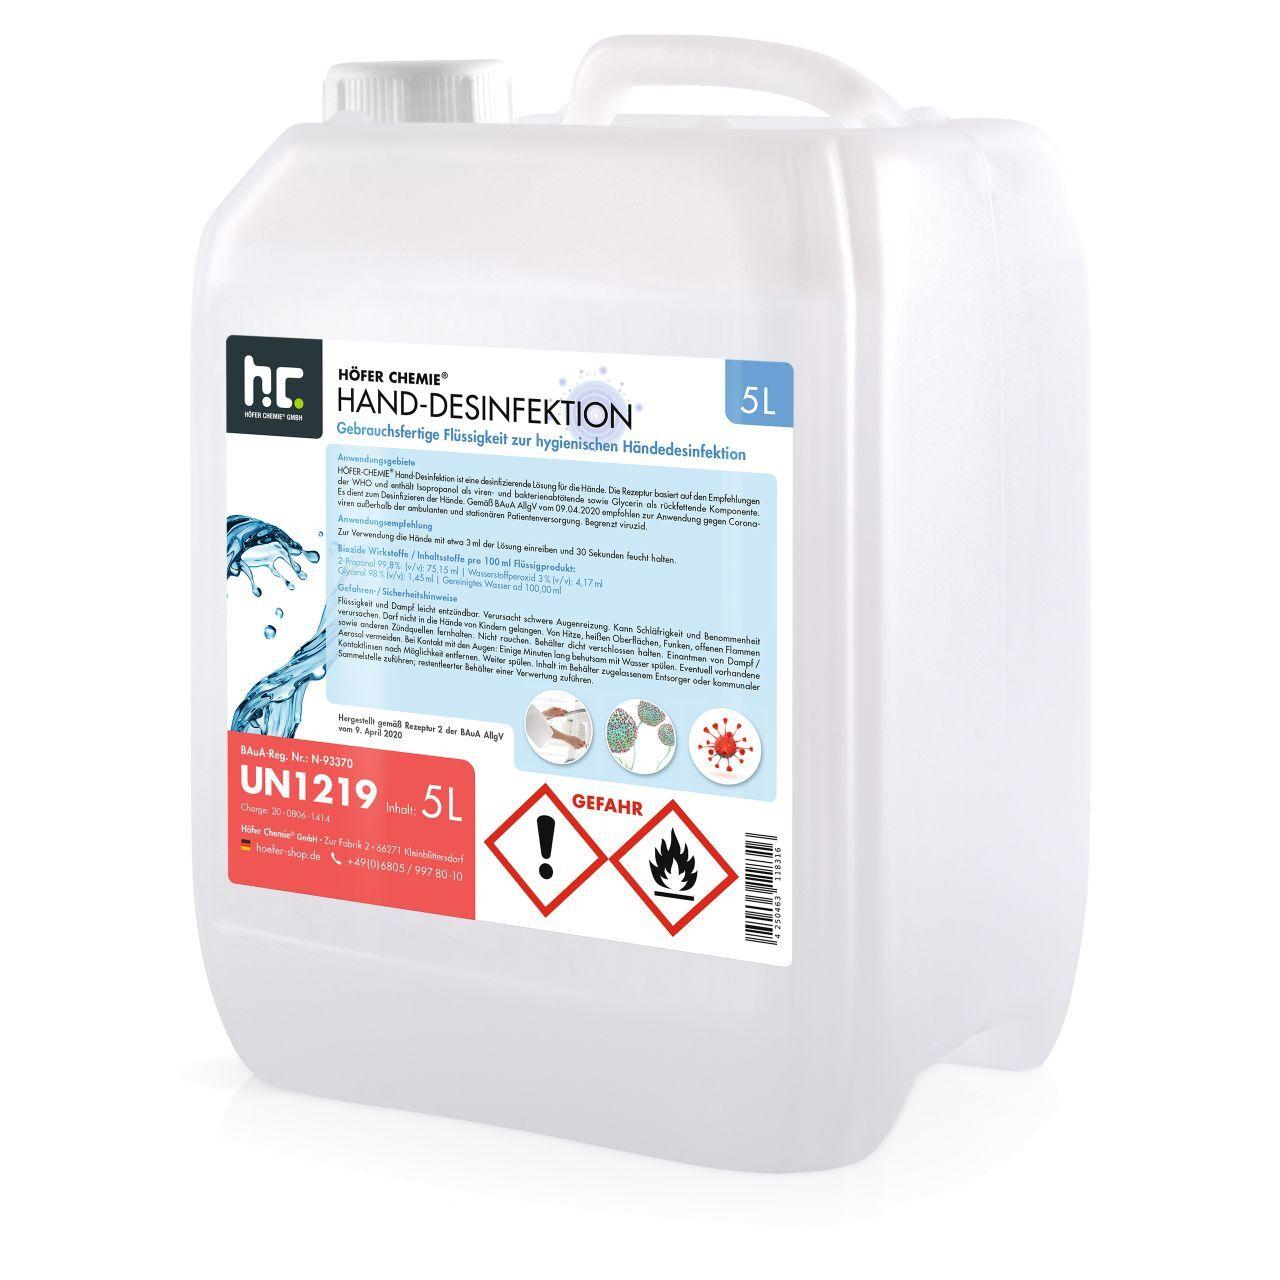 Höfer Chemie GmbH 5 l de désinfectant pour les mains - prêt à l'emploi (1 x 5 l)